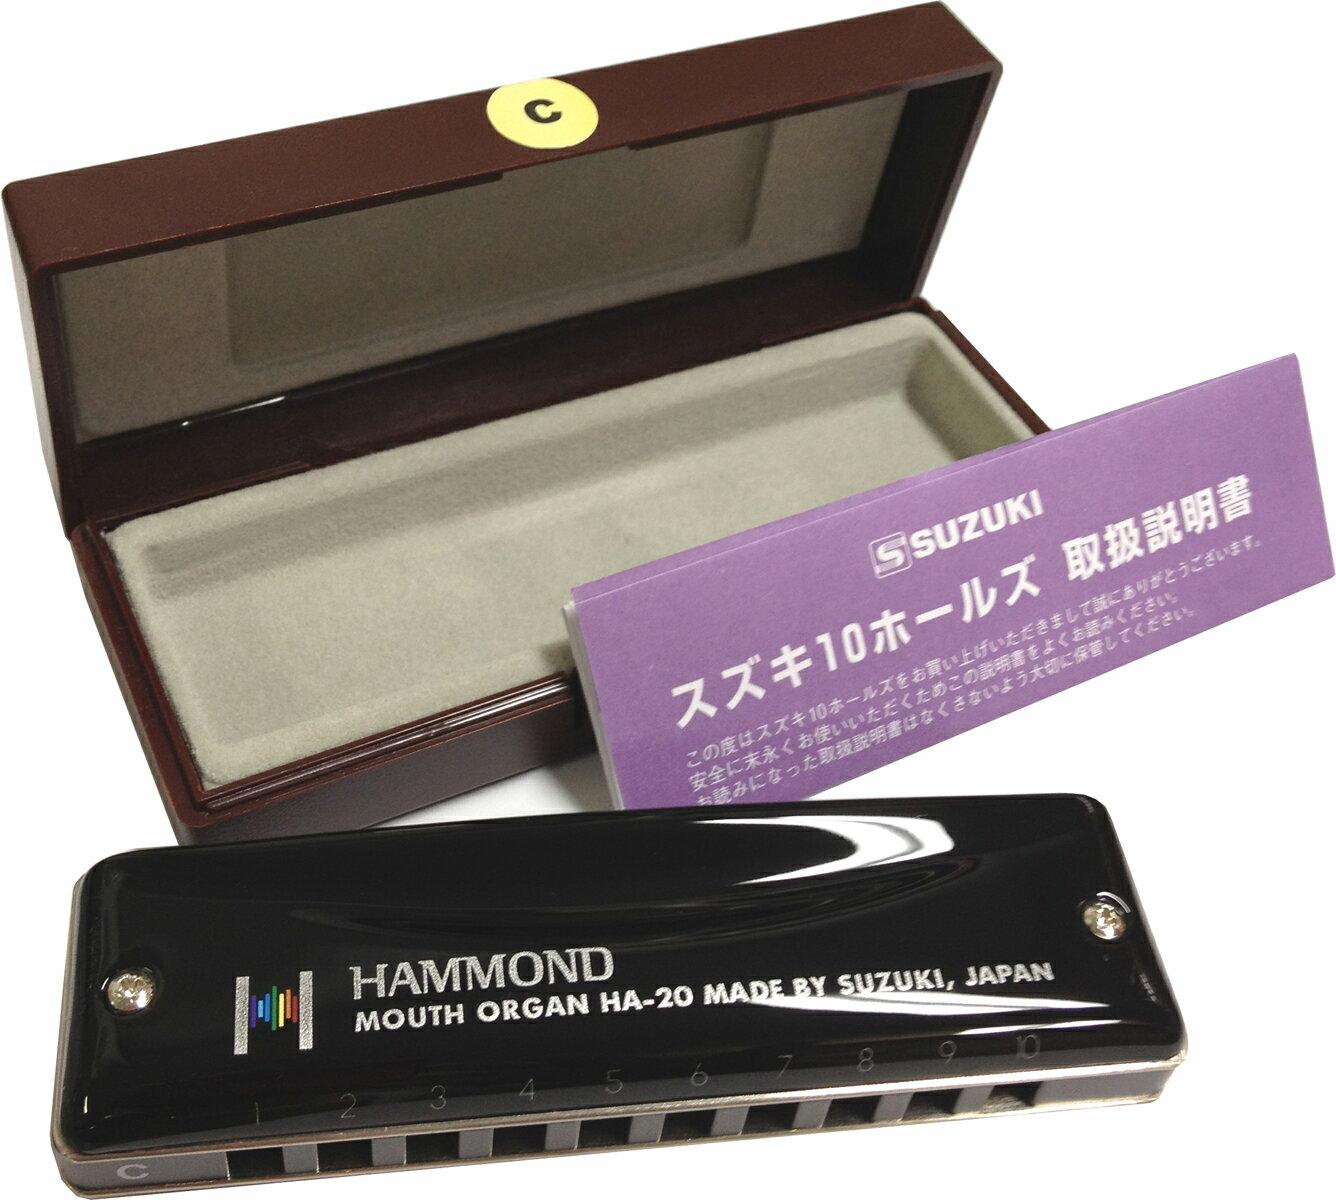 おすすめ スズキ テンホールズハーモニカ ハモンド HA-20 日本製 ブラックカバー 10穴 ハーモニカ 芯があり粒立ちが良い マウスオルガン ブルースハープ型 ブルースハーモニカ SUZUKI HAMMOND HA20 ダイアトニック シングルハーモニカ 10ホールズ メジャー C調他